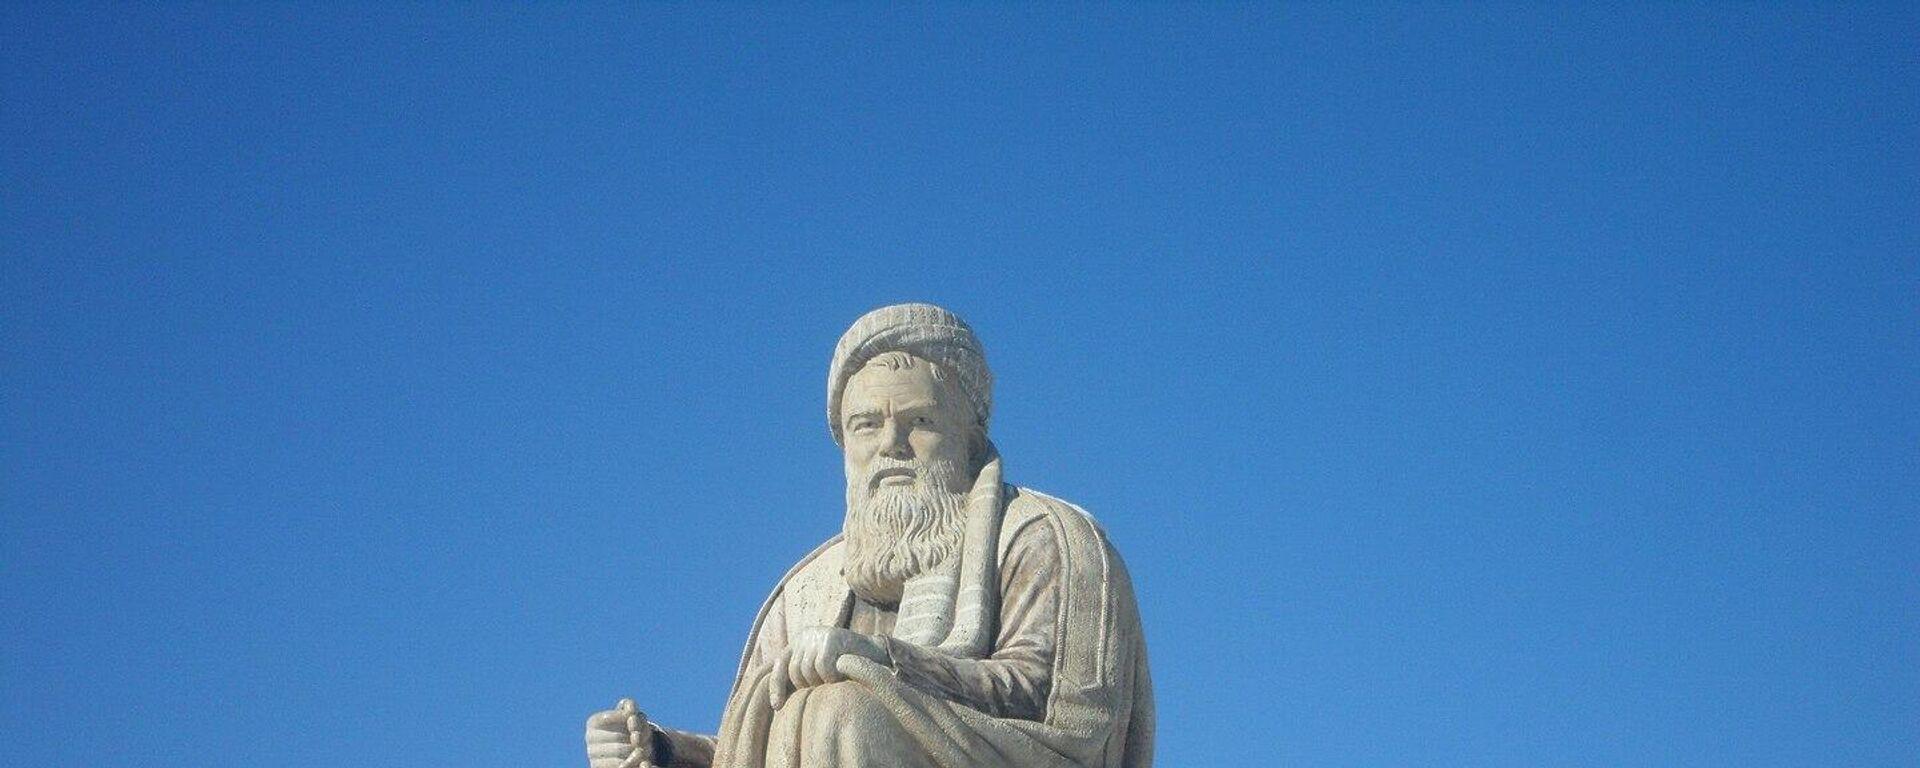 Statue von Mazari in Bamyan (Archivbild) - SNA, 1920, 19.08.2021